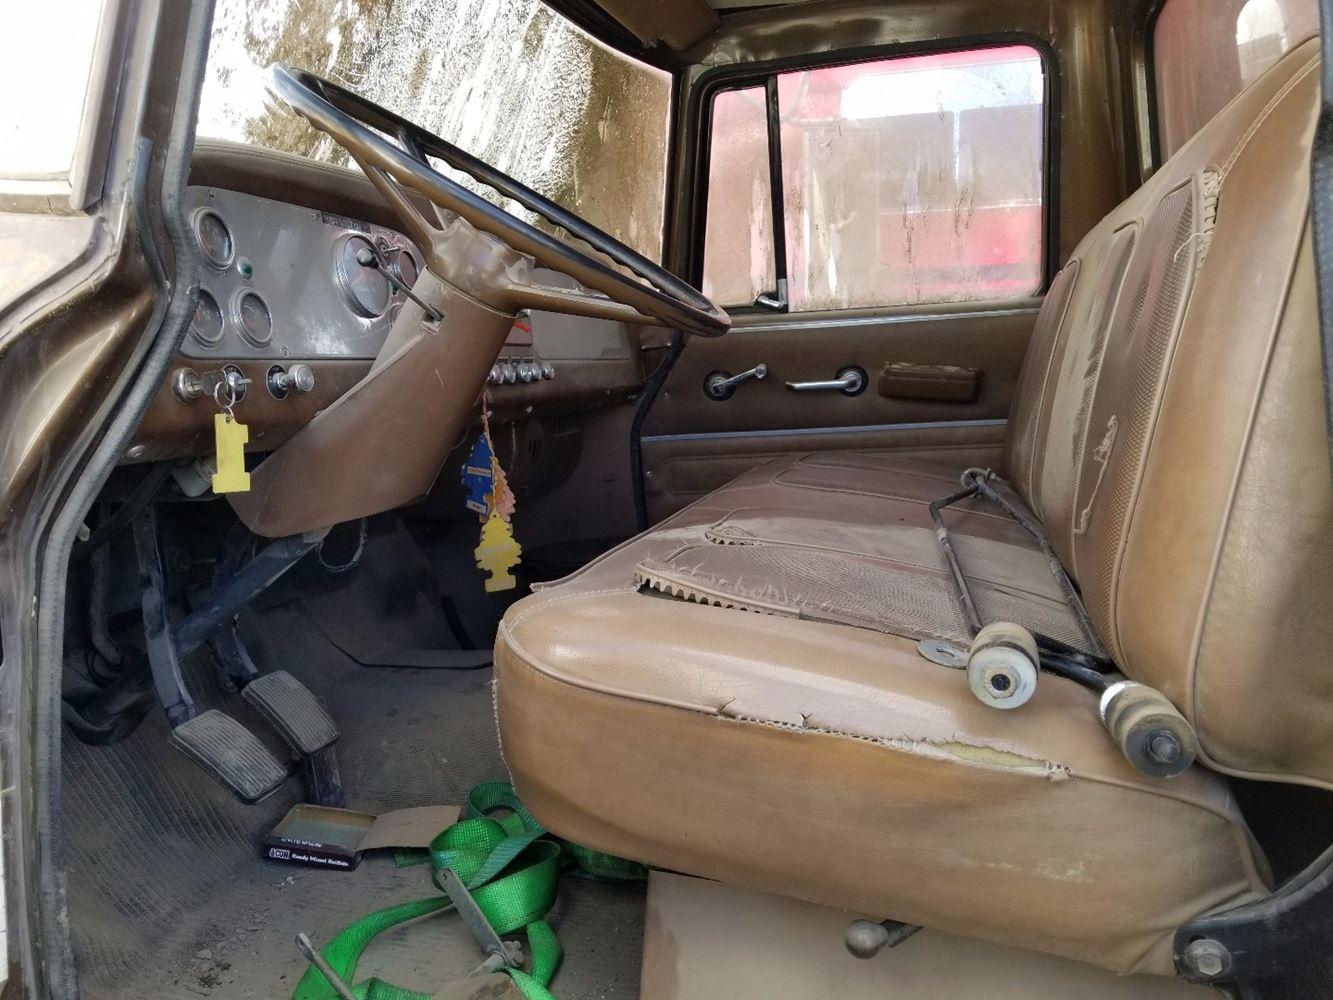 1976 International 1700 Loadstar